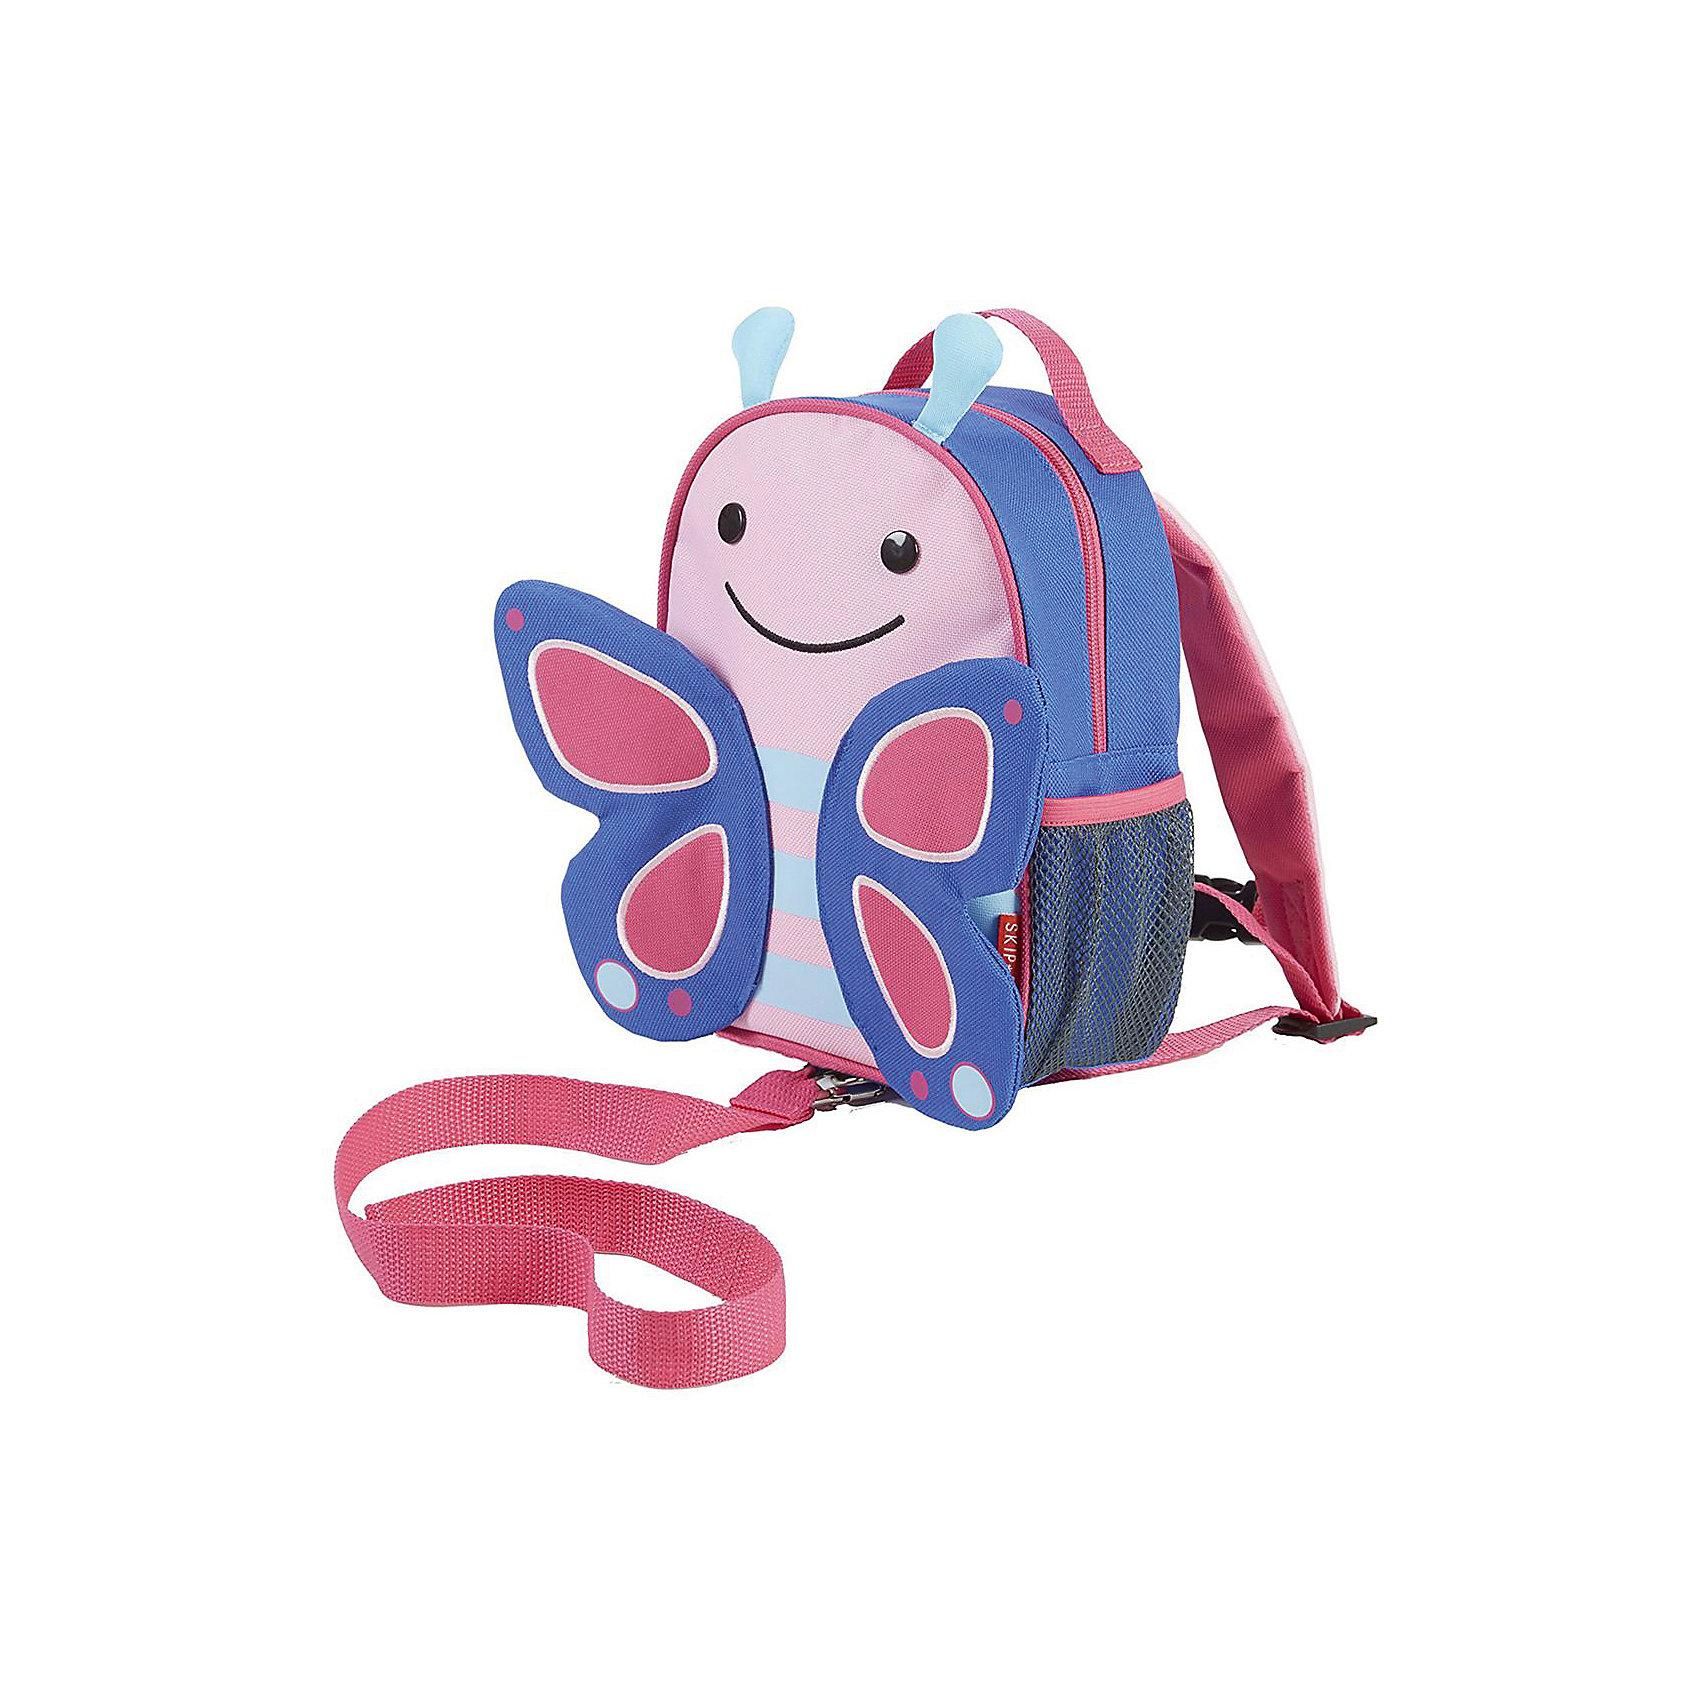 Рюкзак детский с поводком Бабочка, Skip HopДетские рюкзаки<br>Возраст: от 11 месяцев<br>Размер: 23 см x 19 см x 8.5 см<br>Легко одевается на ребенка<br>Ремешок безопасности регулируется до необходимой длины<br>Позволяет малышу свободно исследовать мир, находясь под контролем родителей<br>Можно стирать в машинке<br>Бирочка для имени<br><br>Ширина мм: 230<br>Глубина мм: 60<br>Высота мм: 370<br>Вес г: 333<br>Возраст от месяцев: 24<br>Возраст до месяцев: 72<br>Пол: Унисекс<br>Возраст: Детский<br>SKU: 5608255